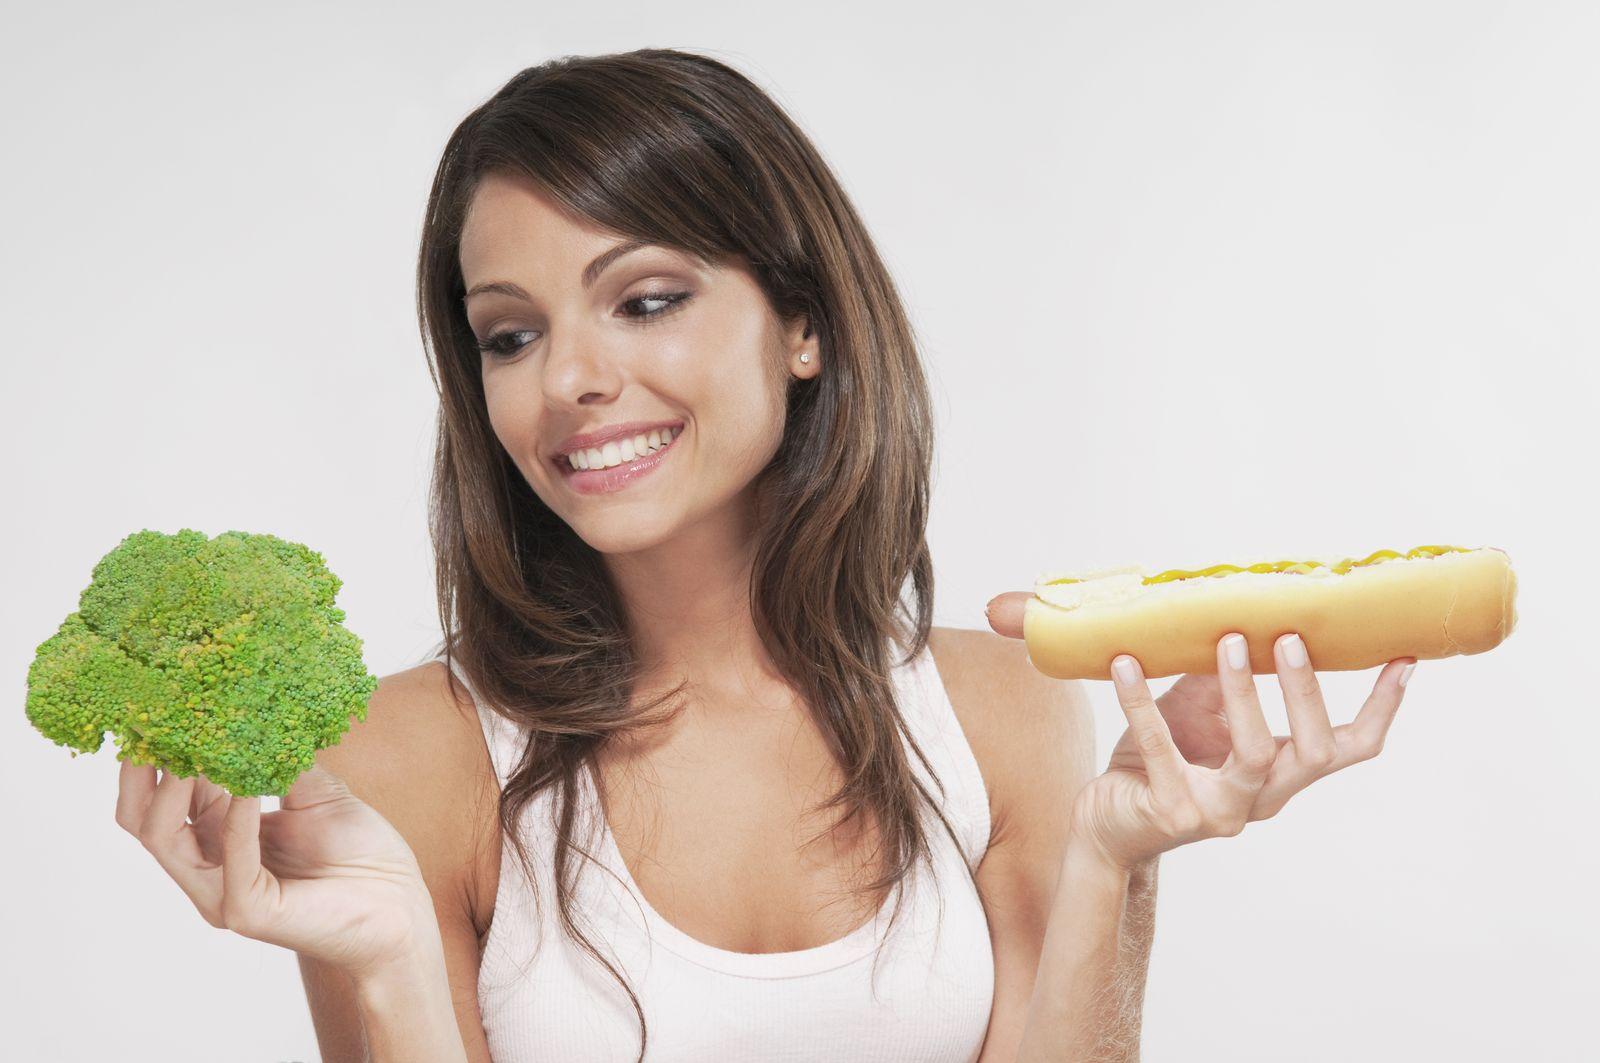 NICHT MEHR VERWENDEN! - Ernährung / Weight Watchers